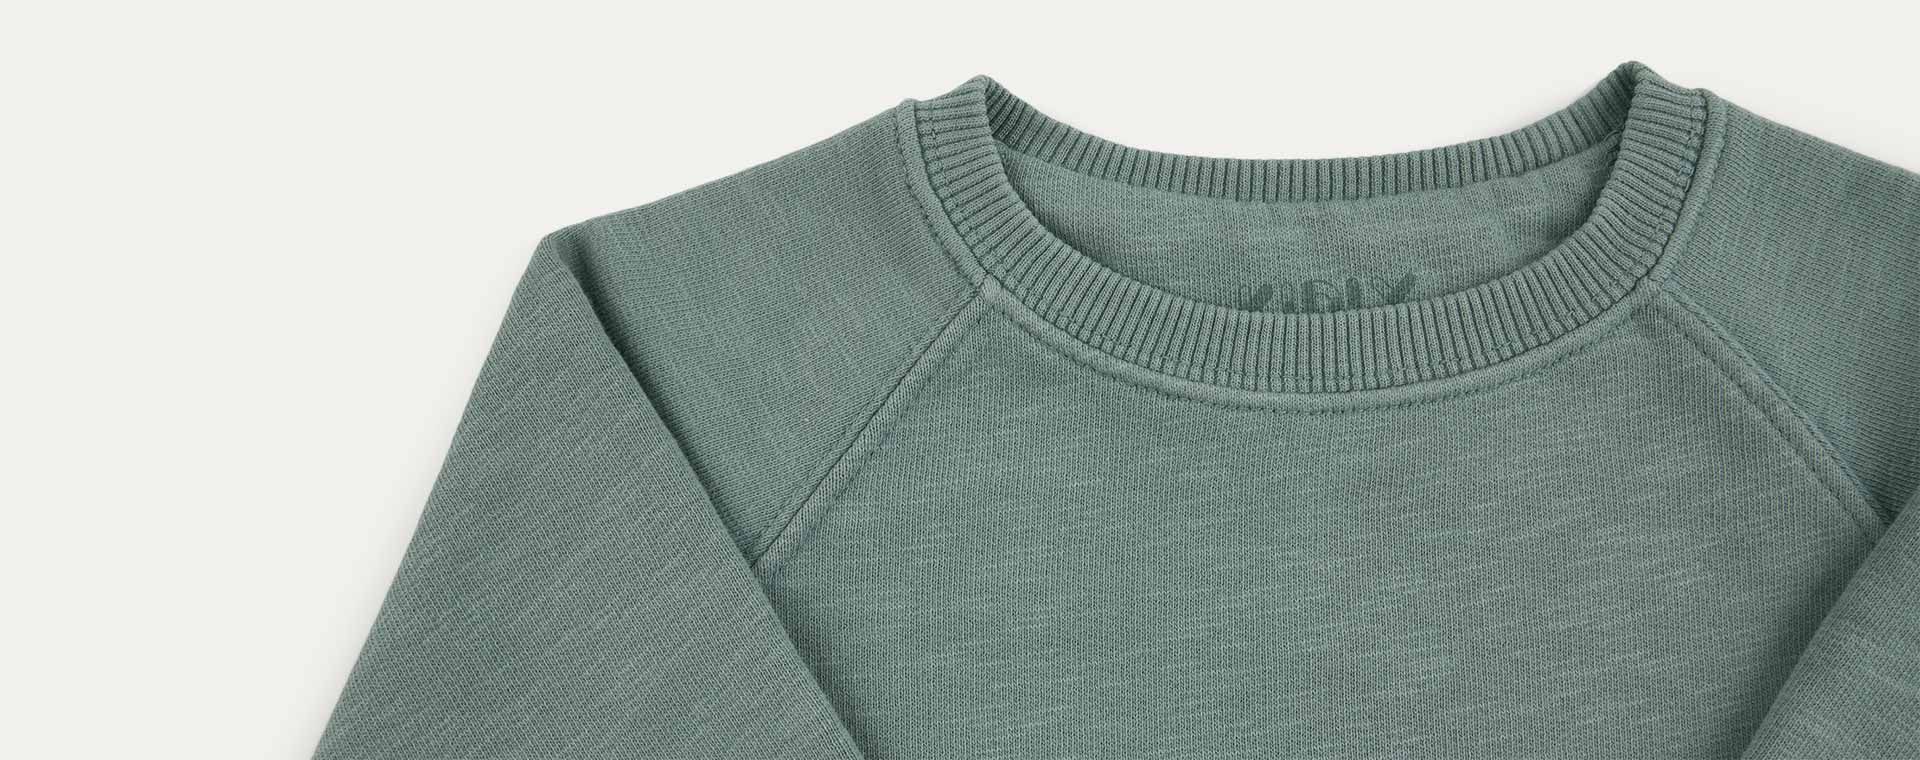 Pine KIDLY Label Organic Easy Sweatshirt